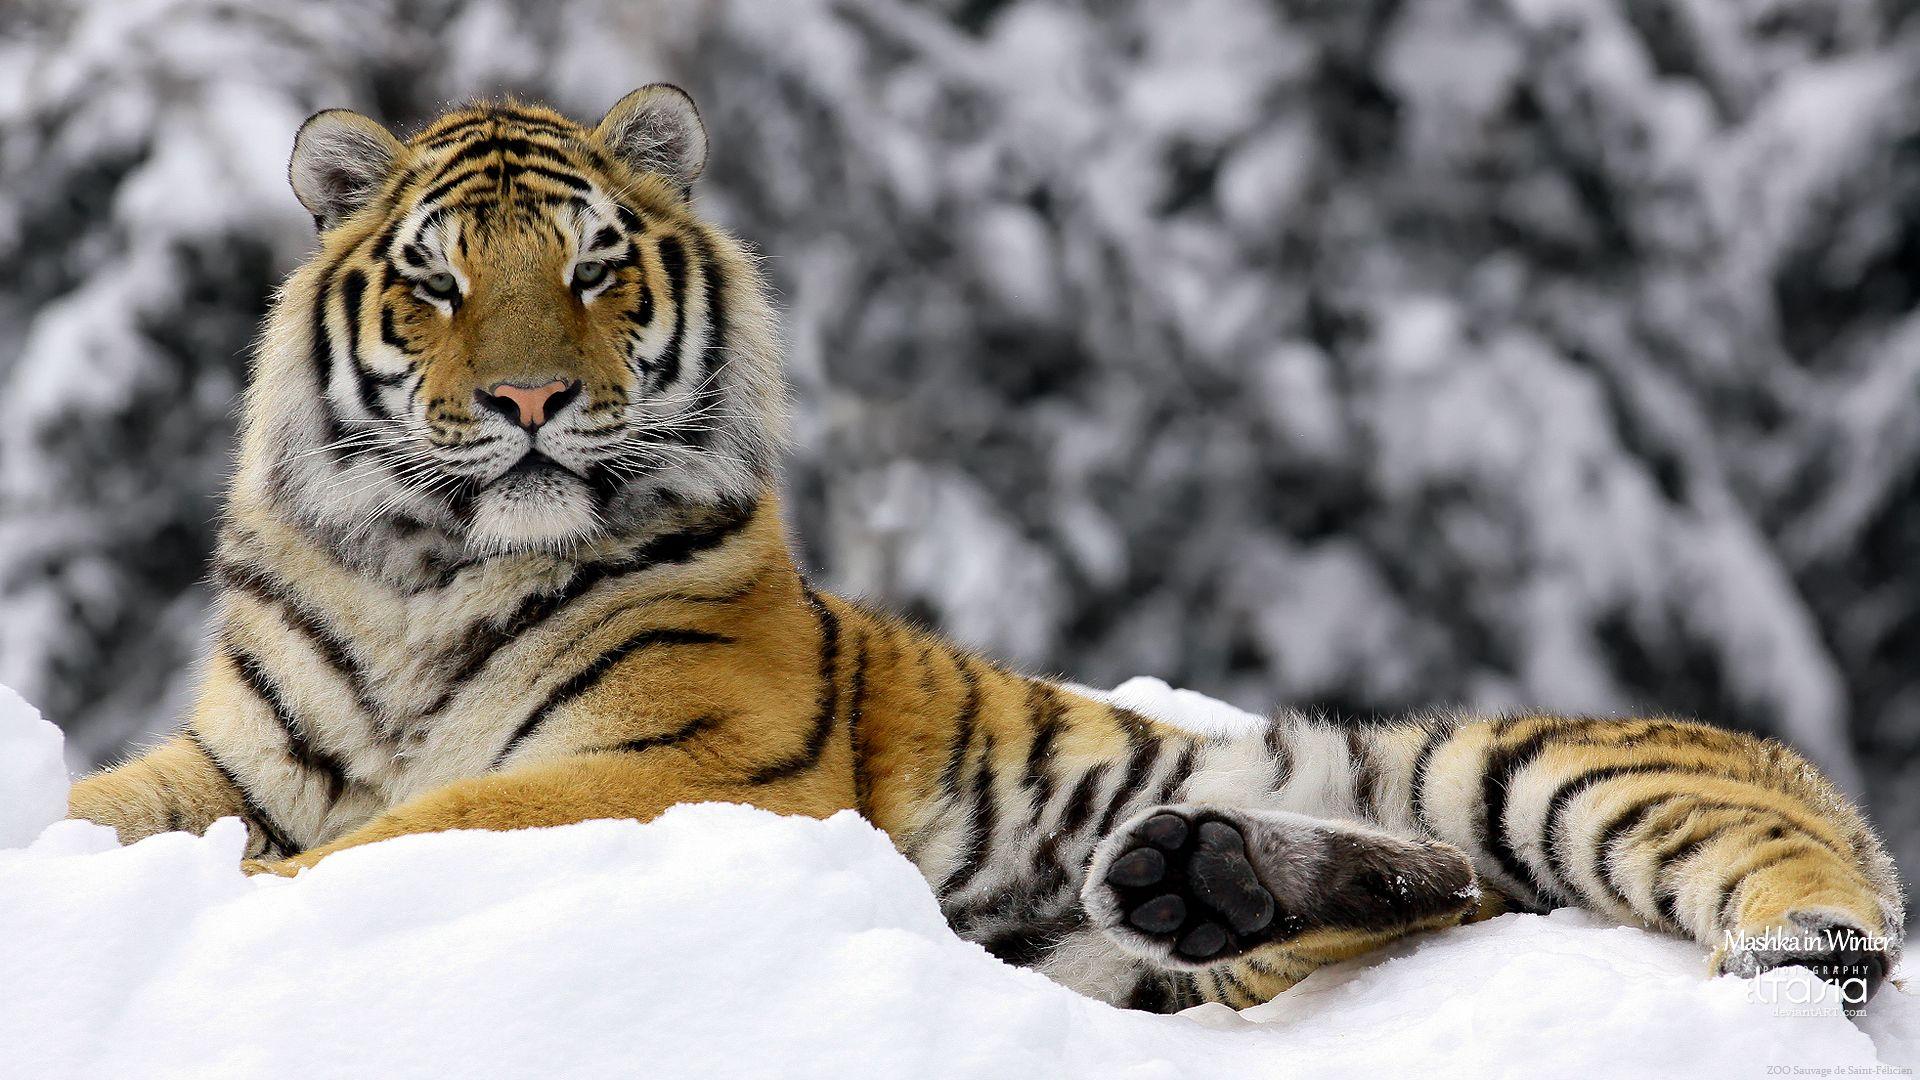 Cats Big Cats Siberian Tiger Tiger Wallpaper Tiger Images